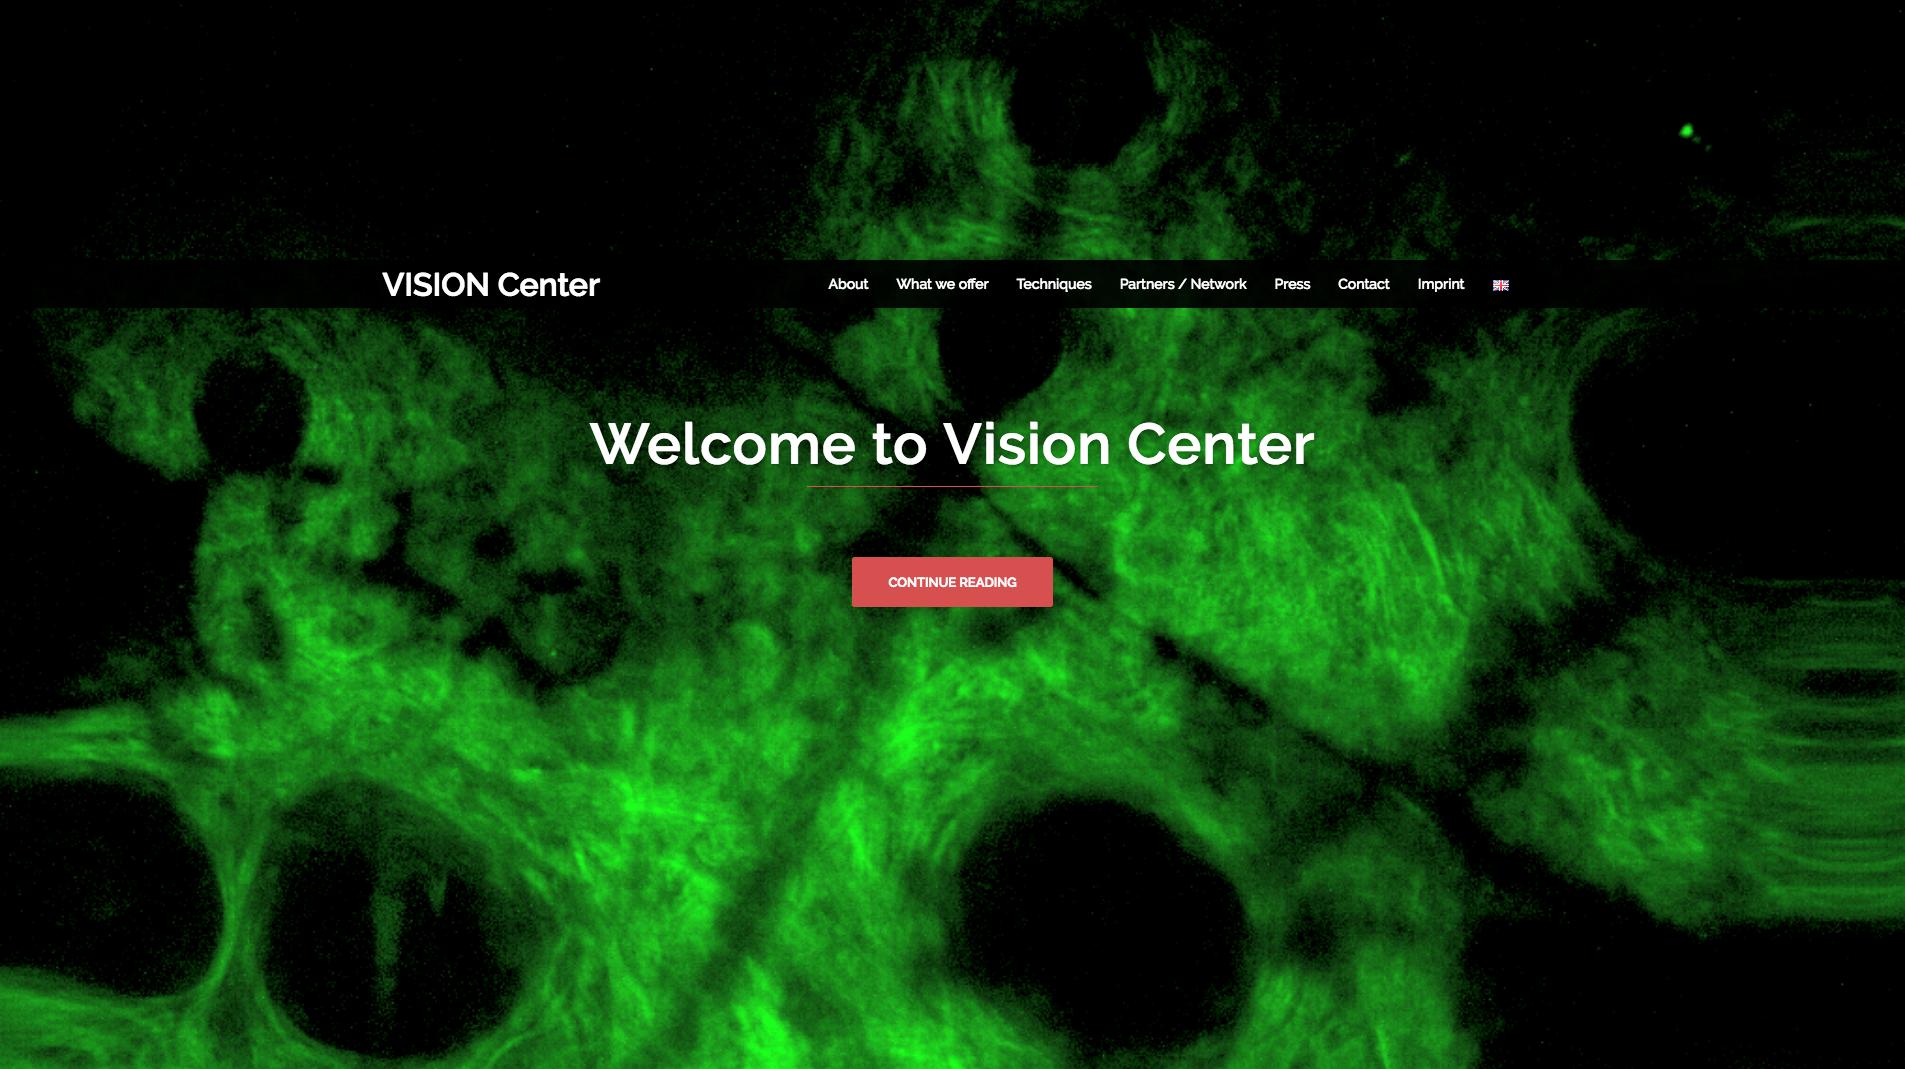 Virtuelles Servicecenter VISION ist online